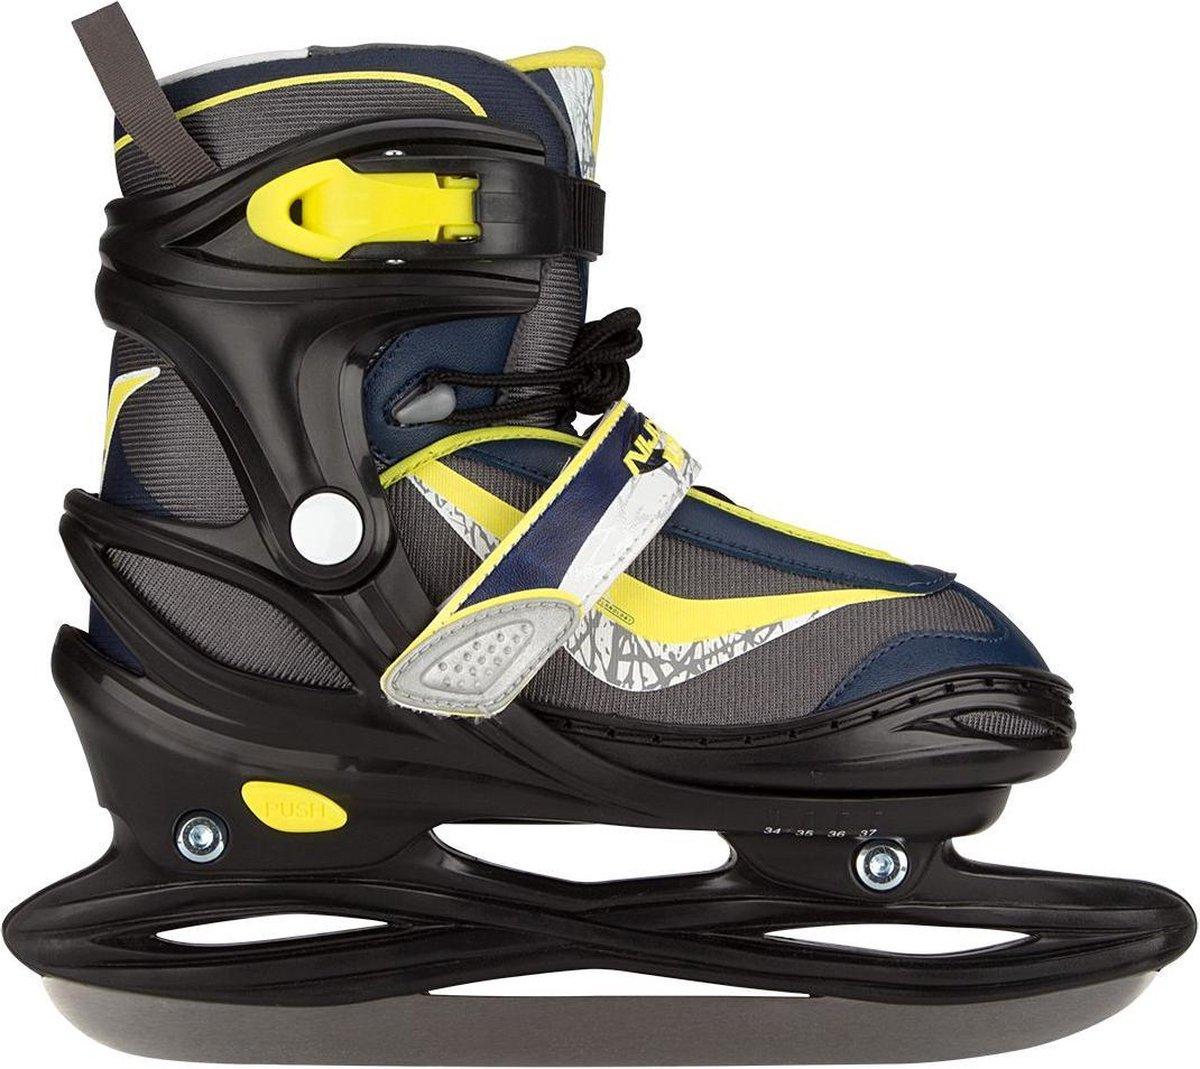 Nijdam 3177 Junior IJshockeyschaats Junior - Verstelbaar - Semi-Softboot - Antraciet/Marine/Fluorgeel - 30-33